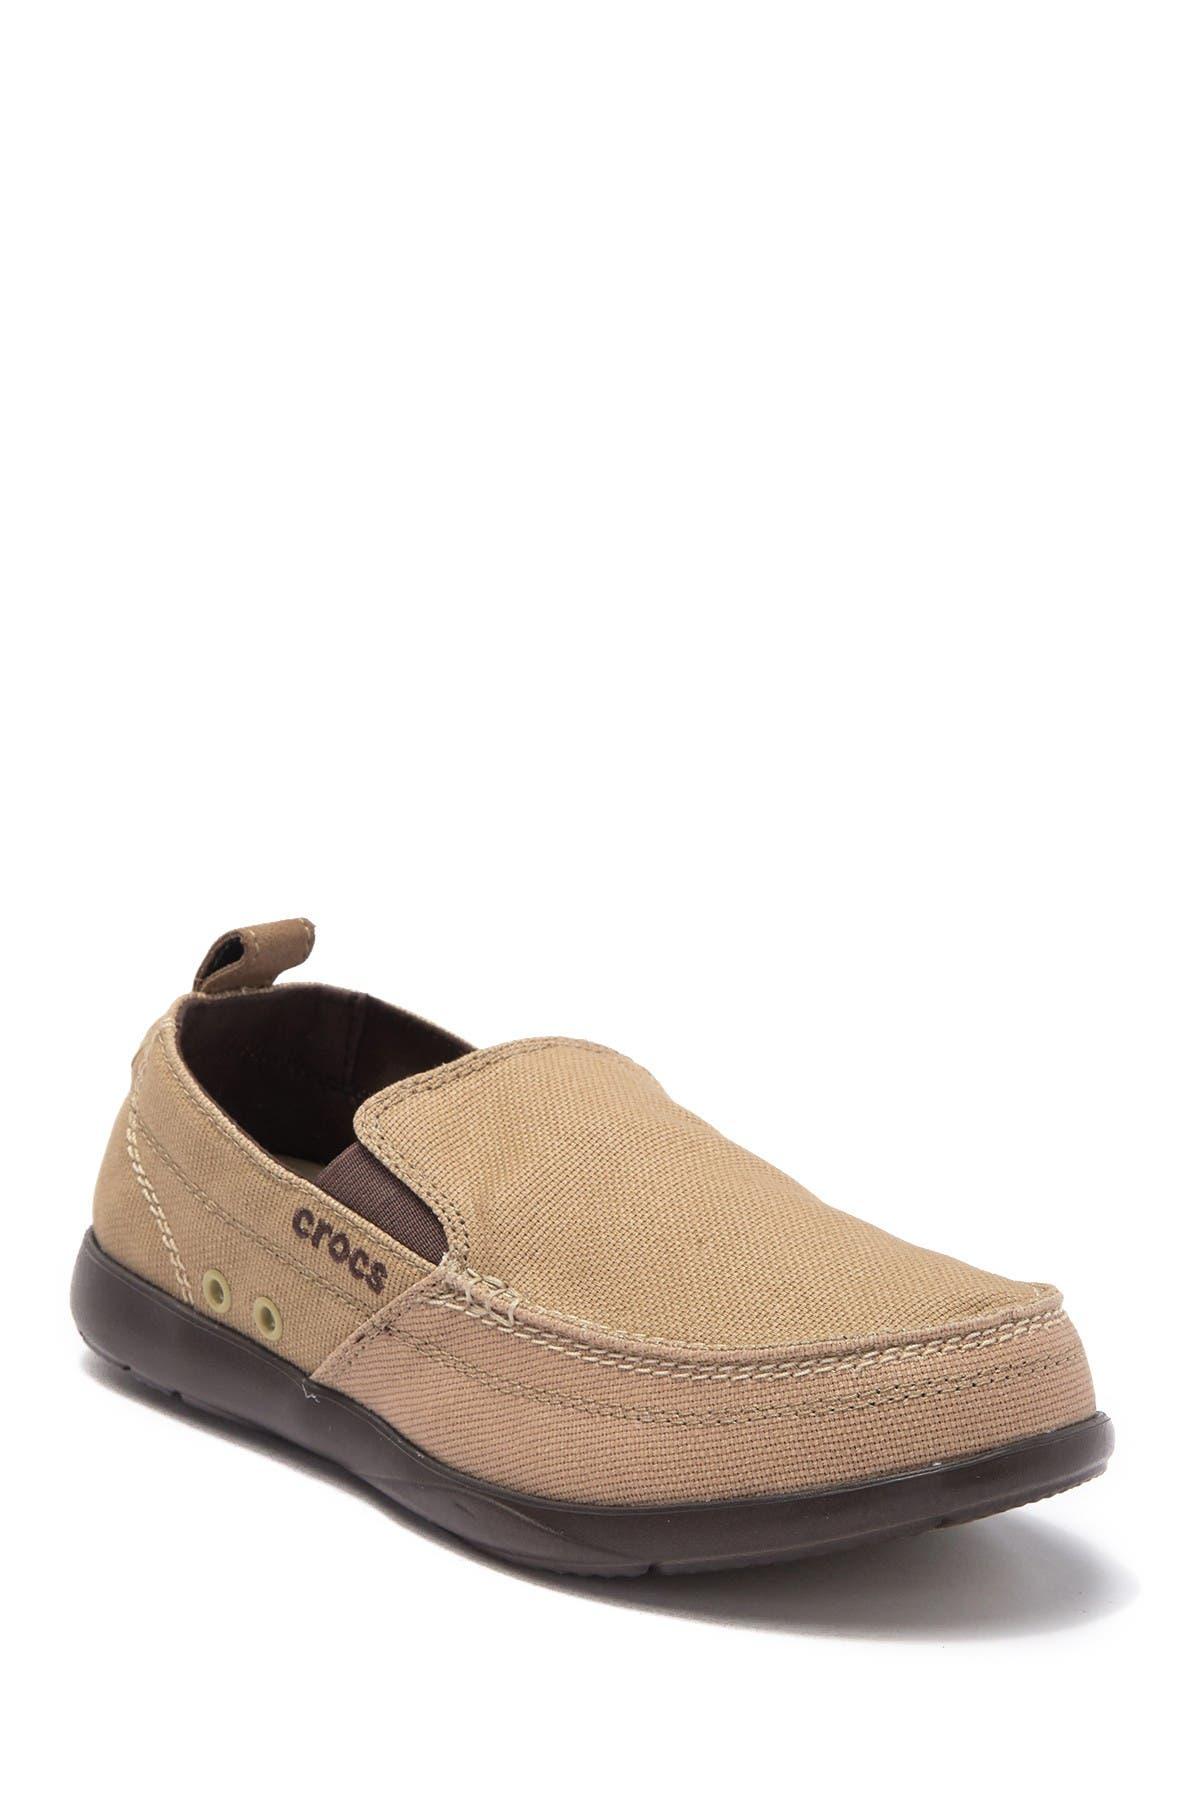 Crocs   Walu Slip-On Loafer   Nordstrom